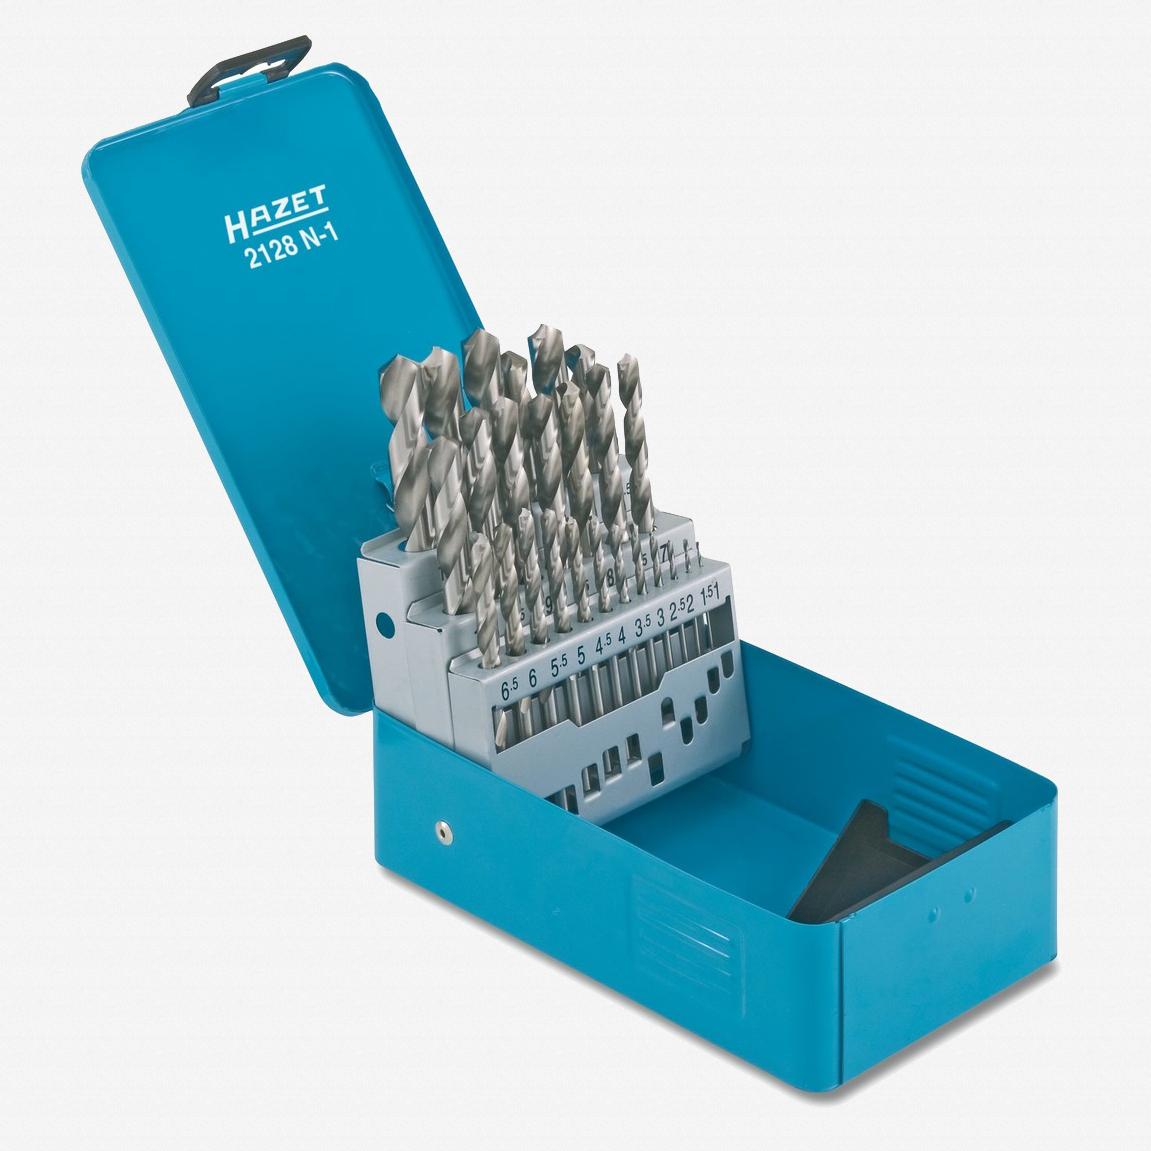 Hazet 2128N-1 HSS Twist Drill Bits in Case, 25 pcs - KC Tool